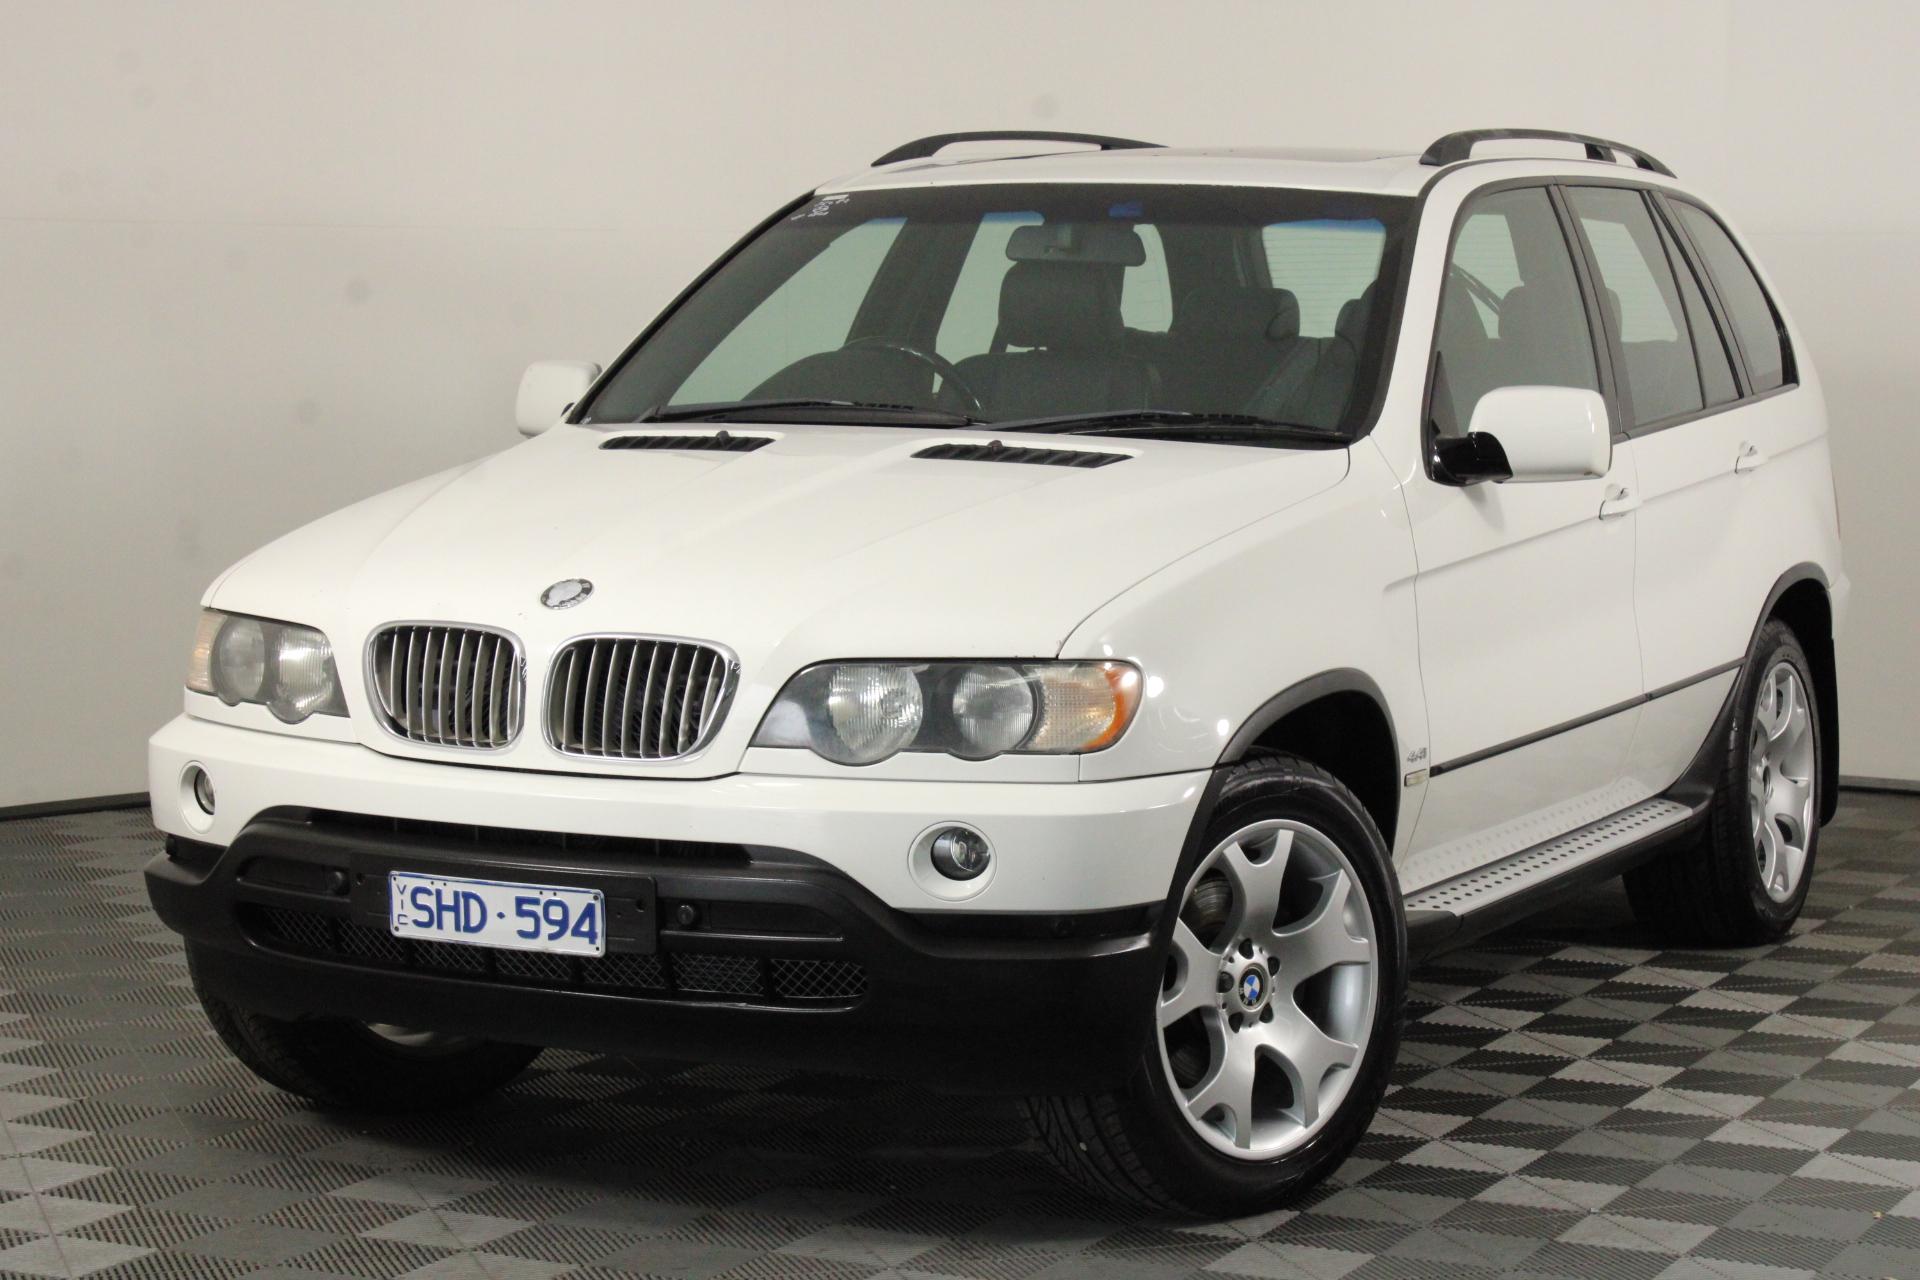 2003 BMW X5 Sport 4.4i E53 Automatic Wagon